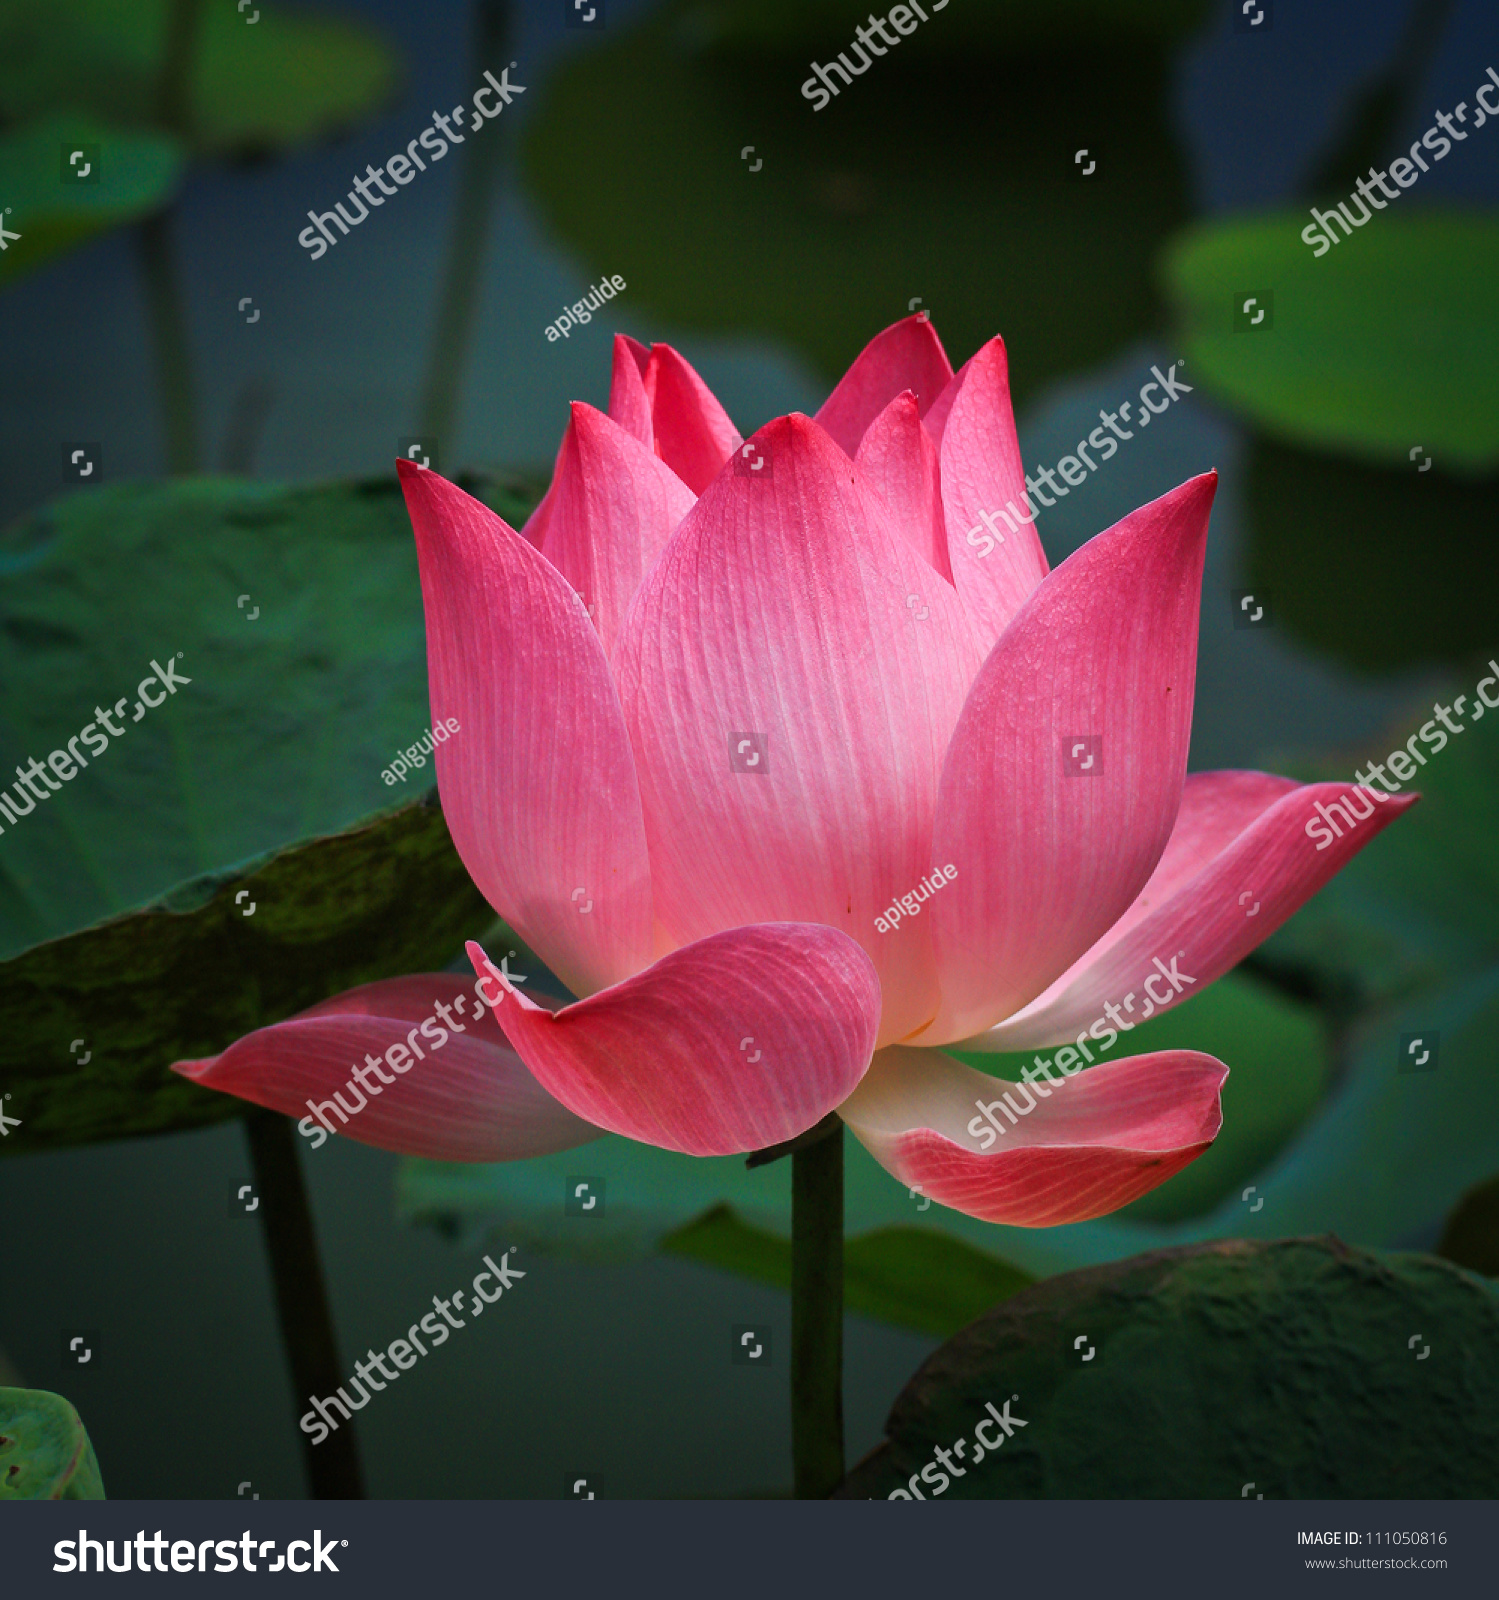 Pink lotus flower beautiful lotus stock photo edit now 111050816 pink lotus flower beautiful lotus izmirmasajfo